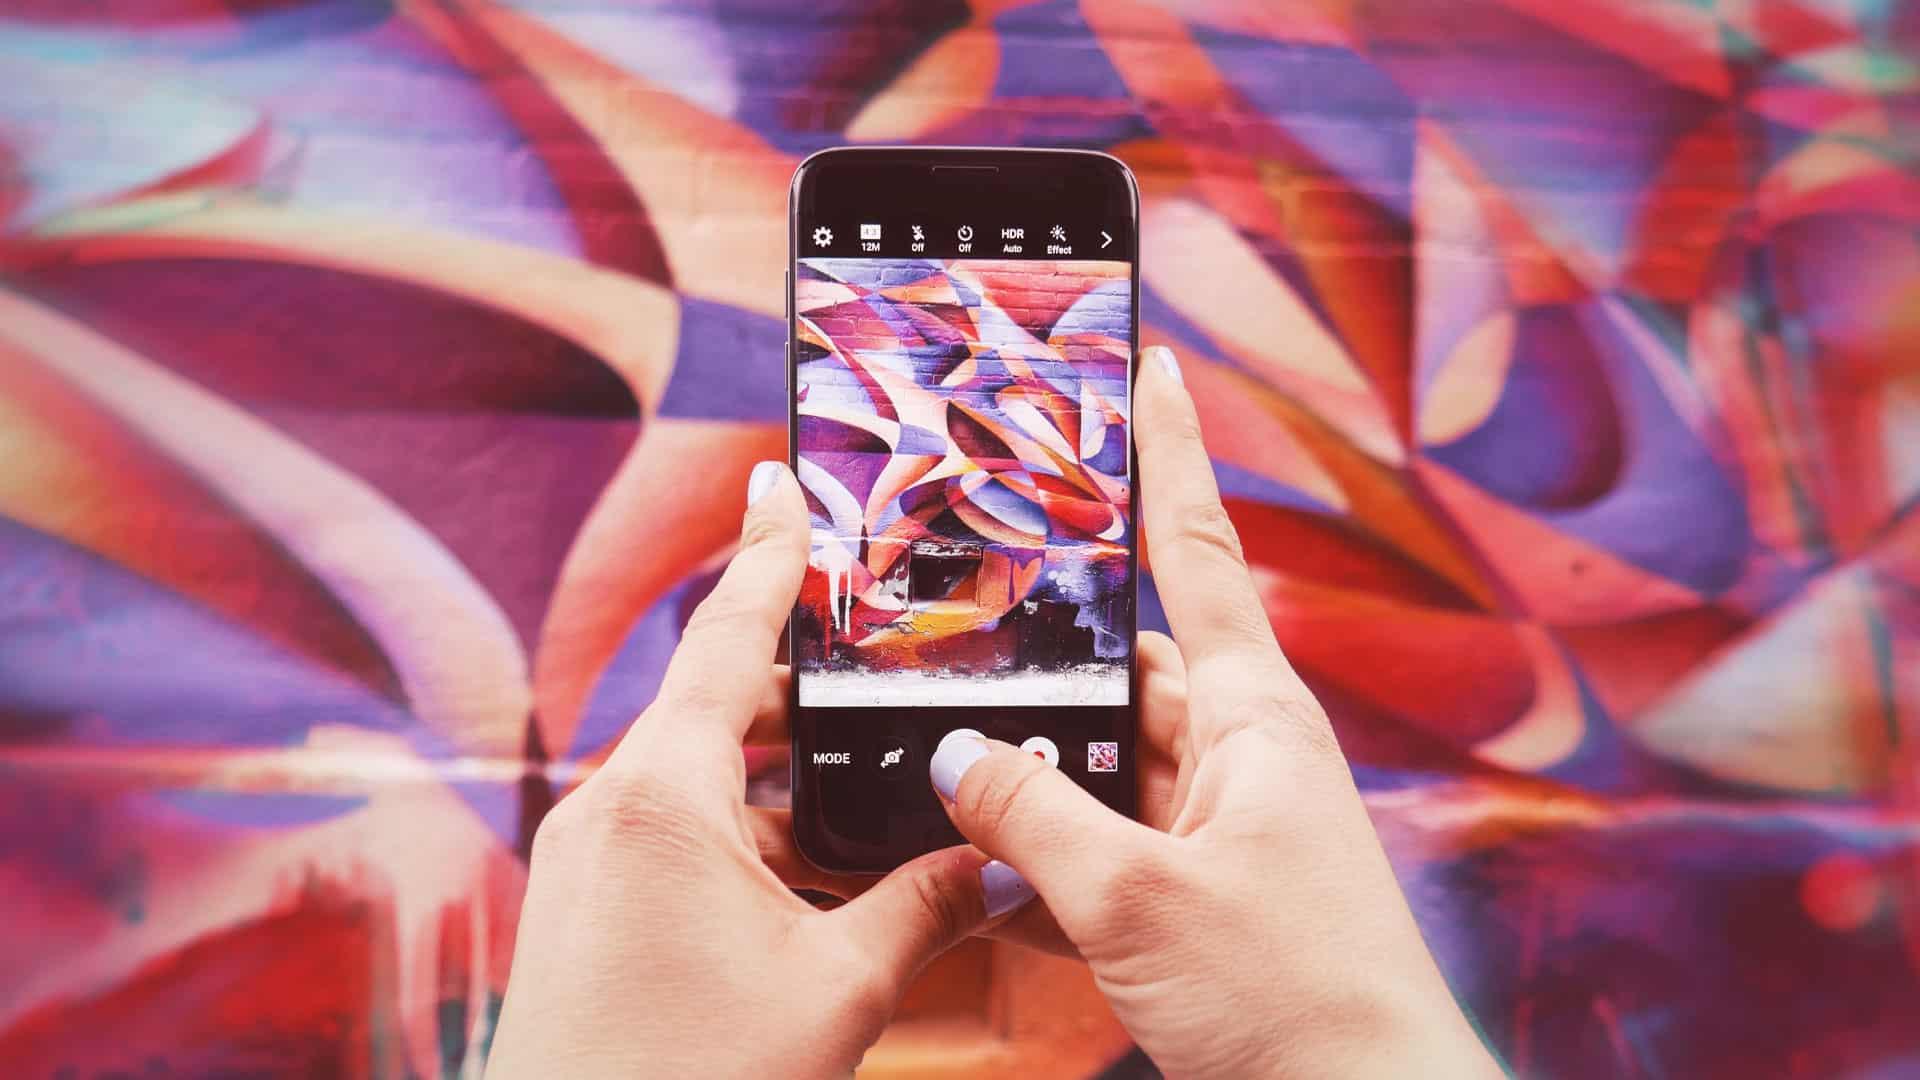 Personne prenant en photo un mur coloré et appuyant sur le bouton